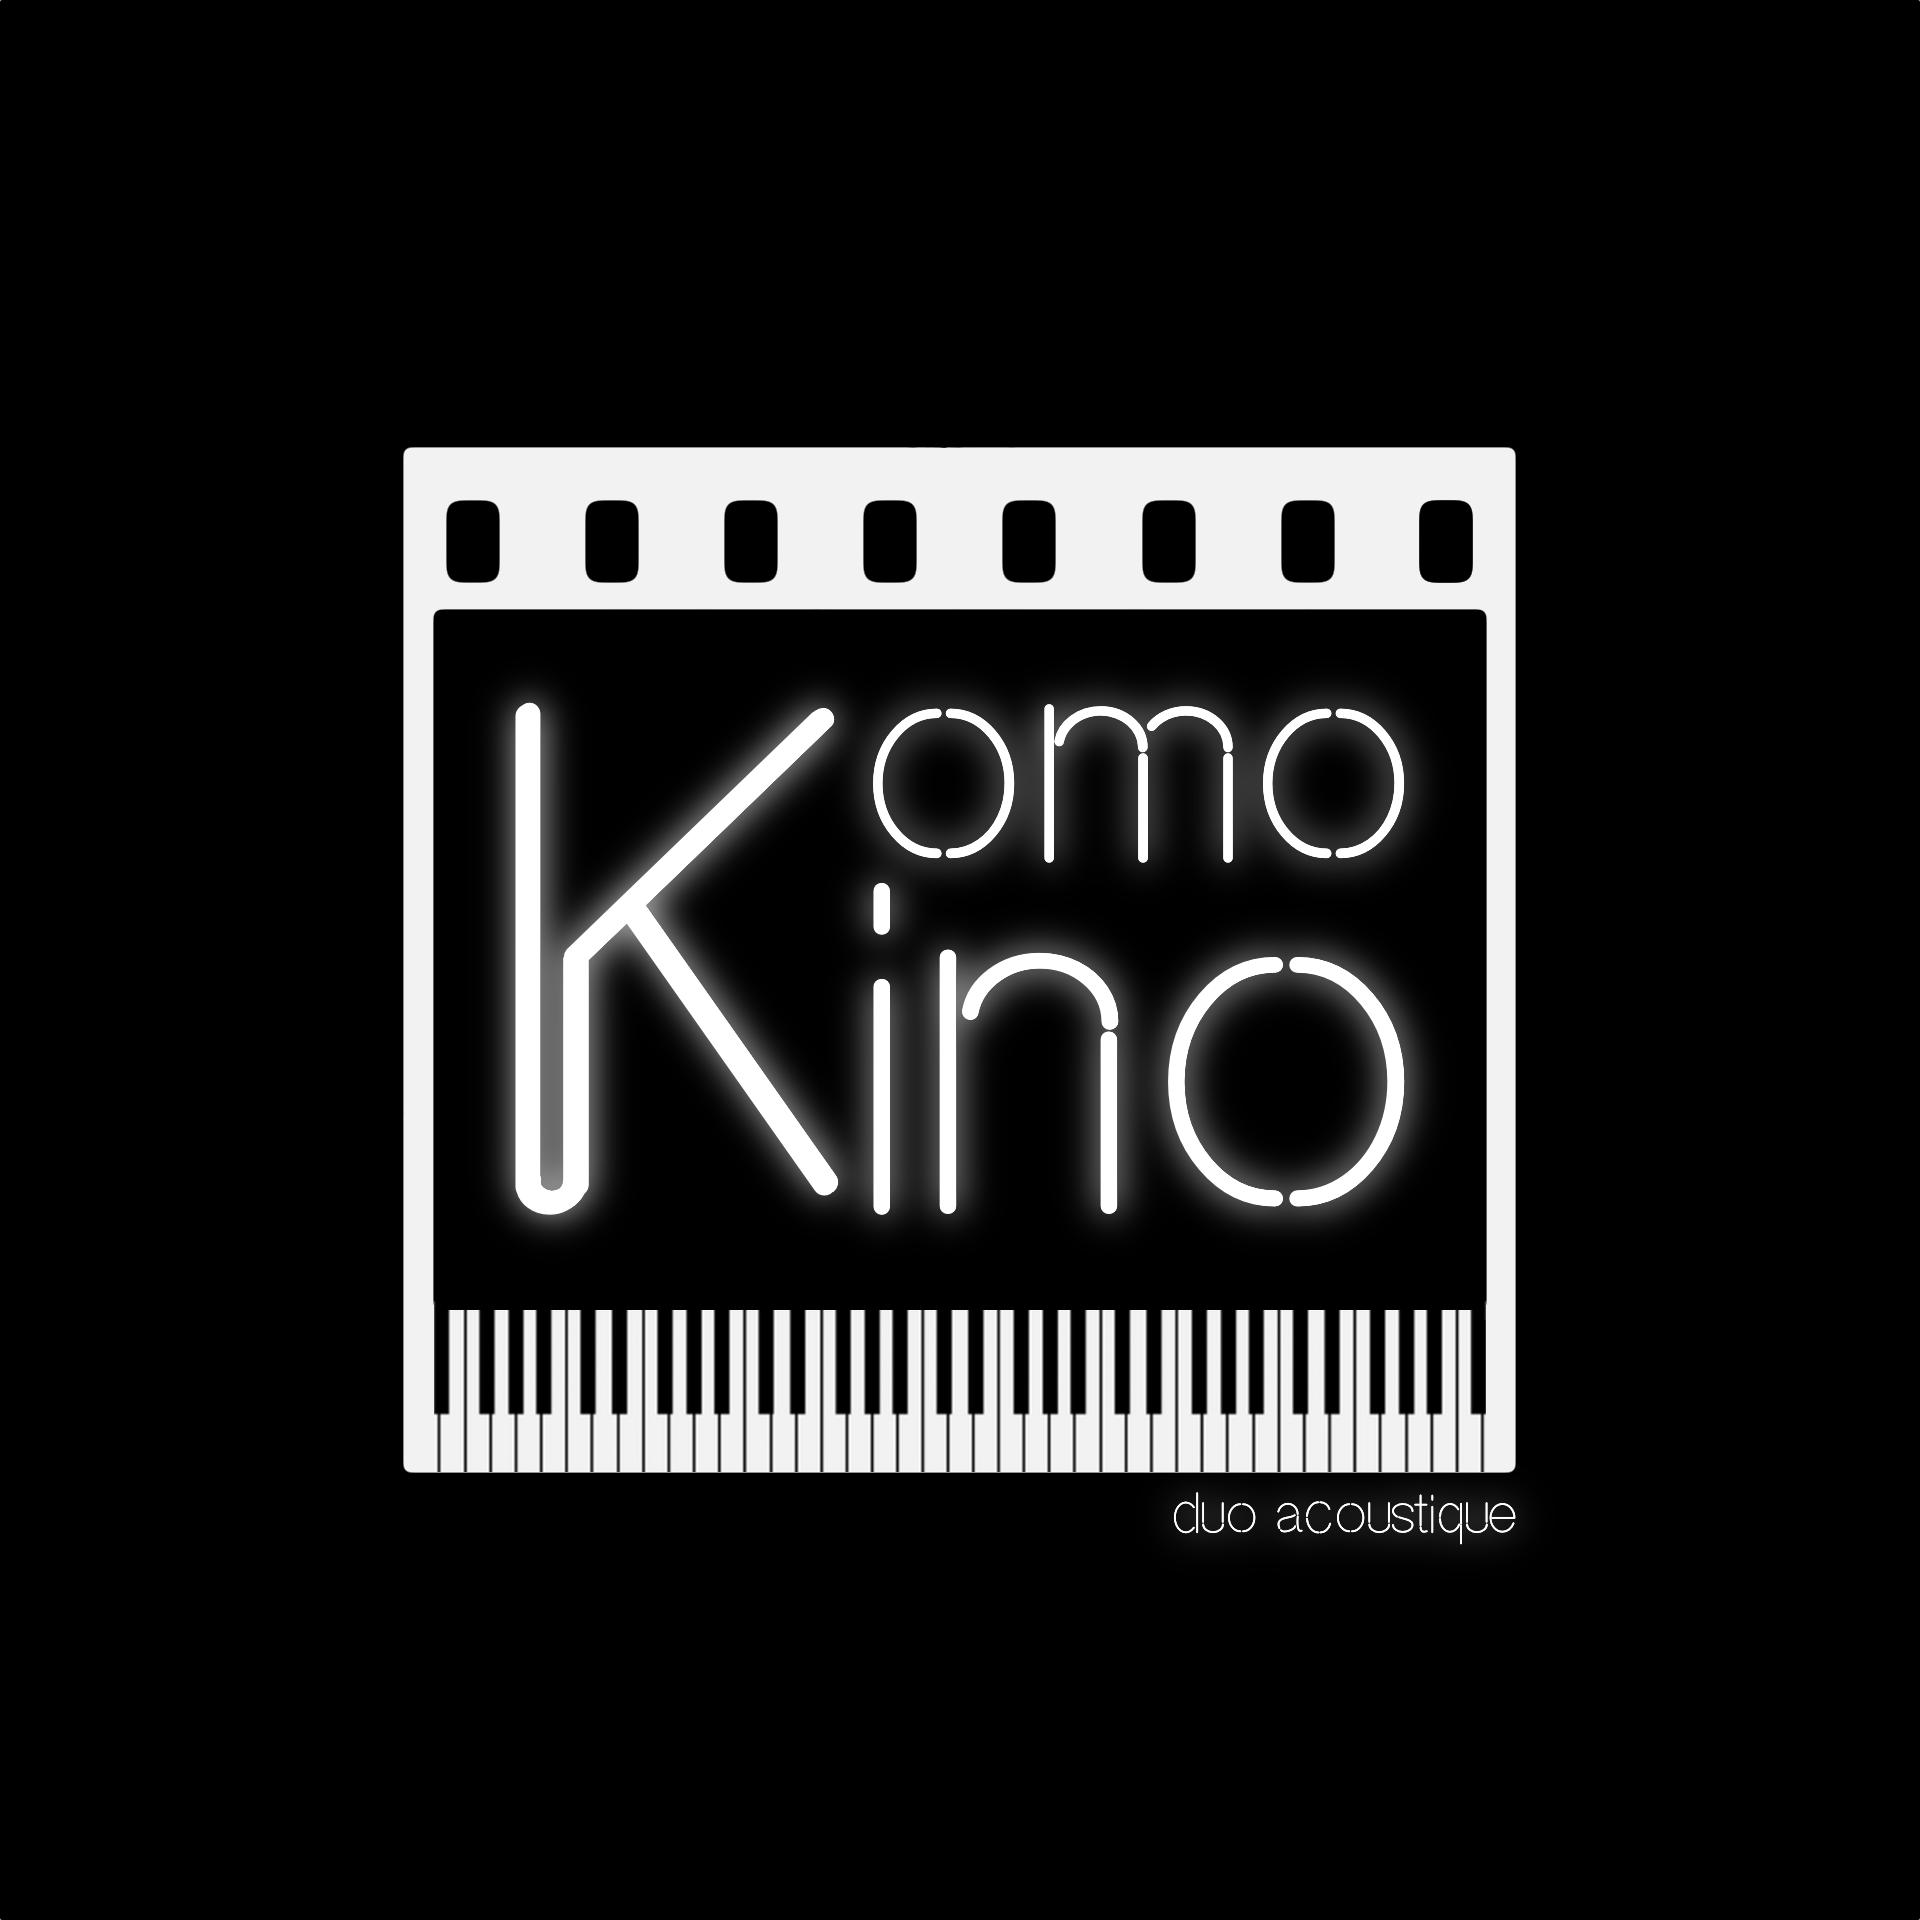 KomoKino - Duo d'animation